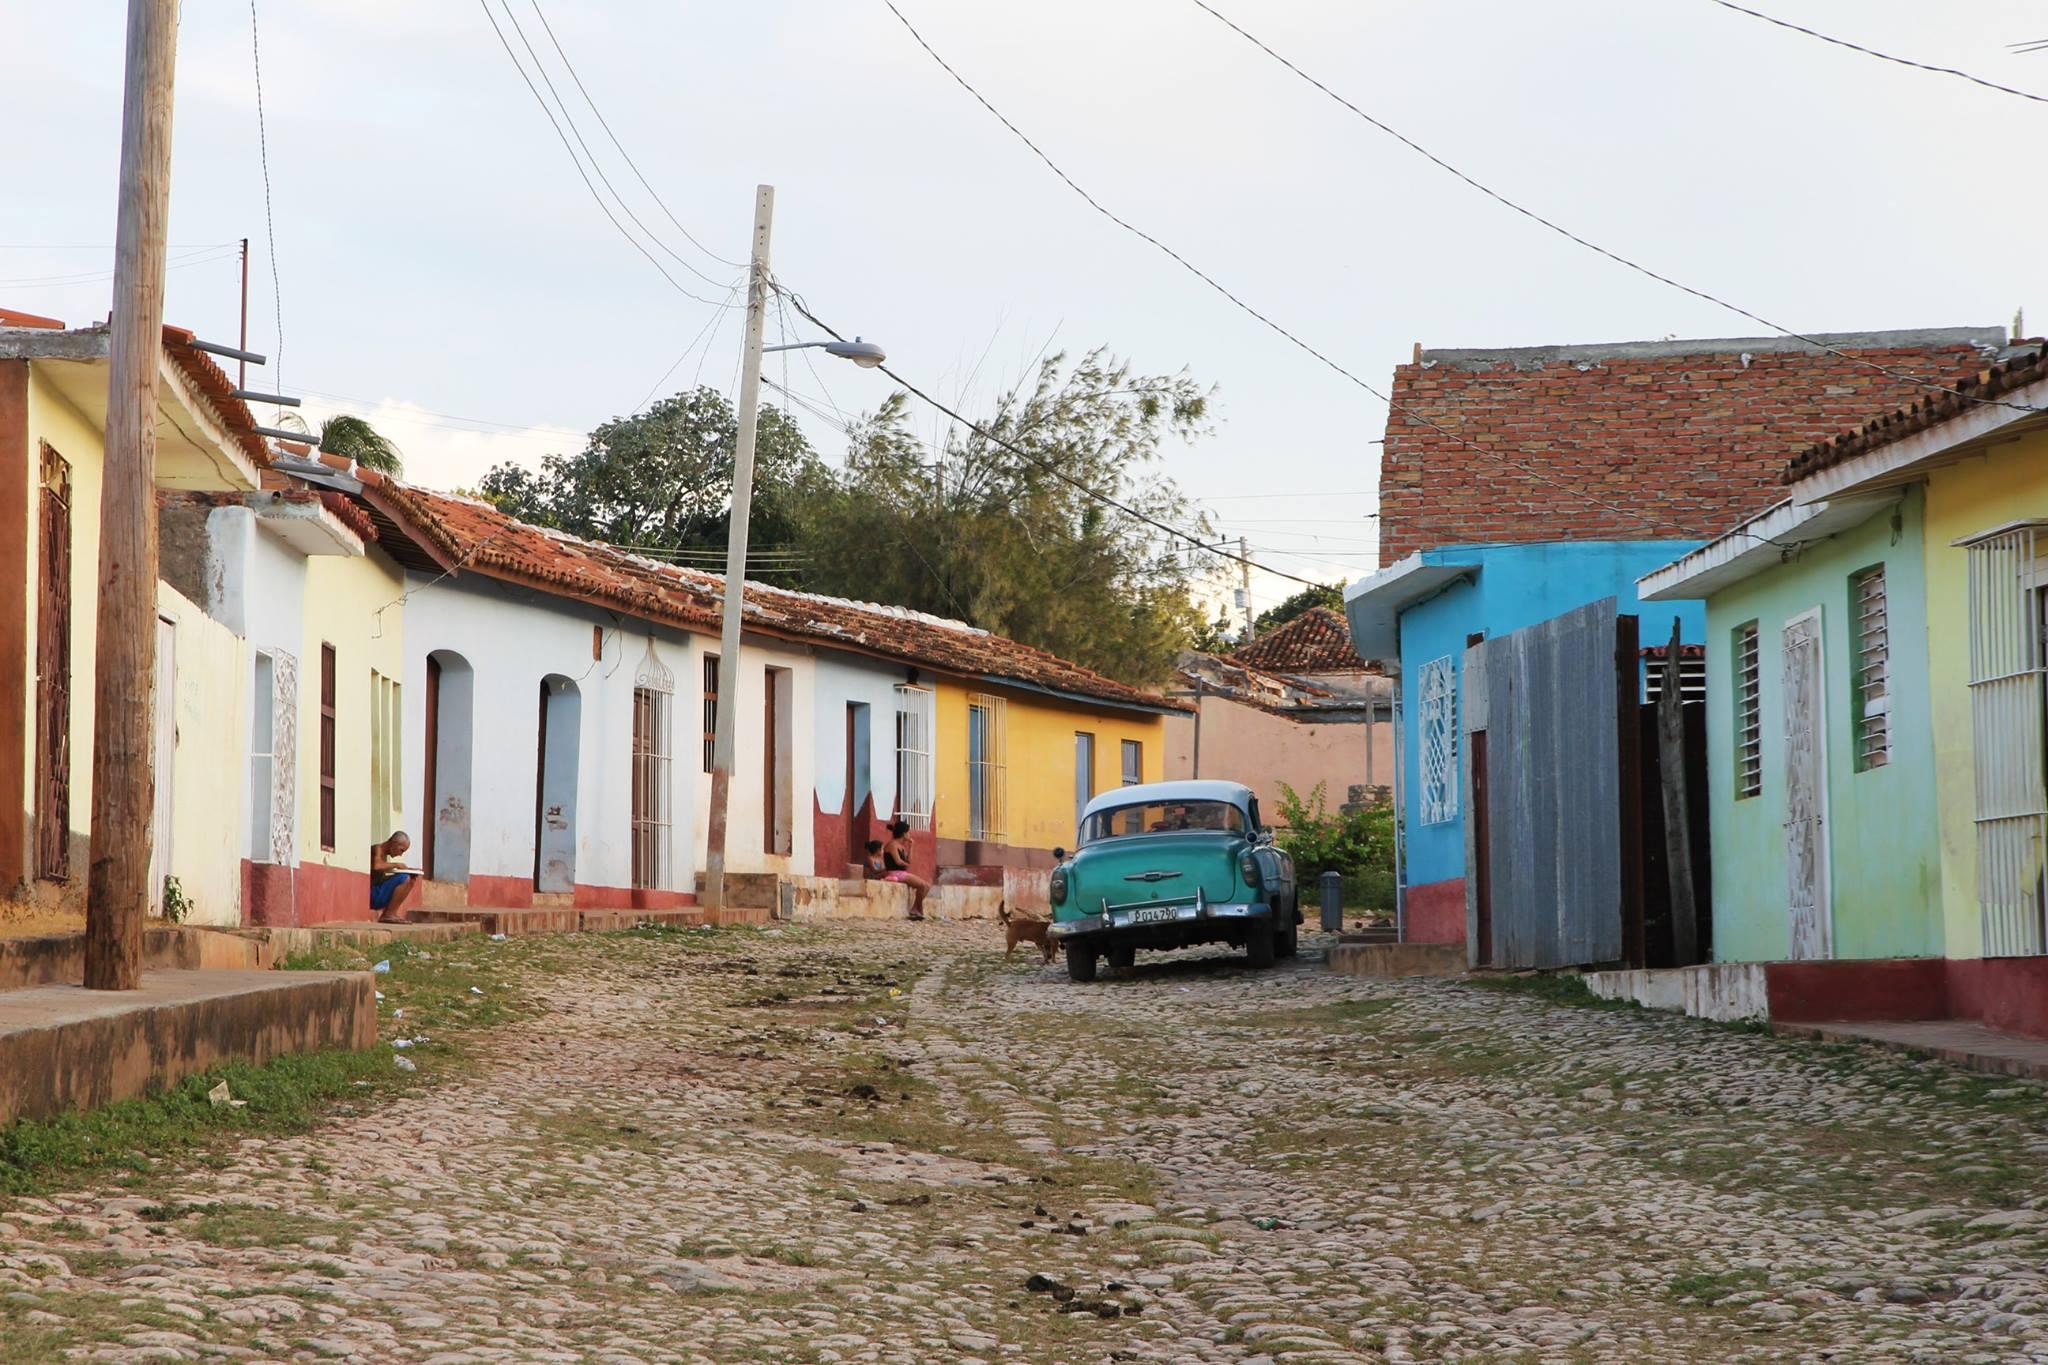 Straat in de de prachtige Cubaanse stad Trinidad.